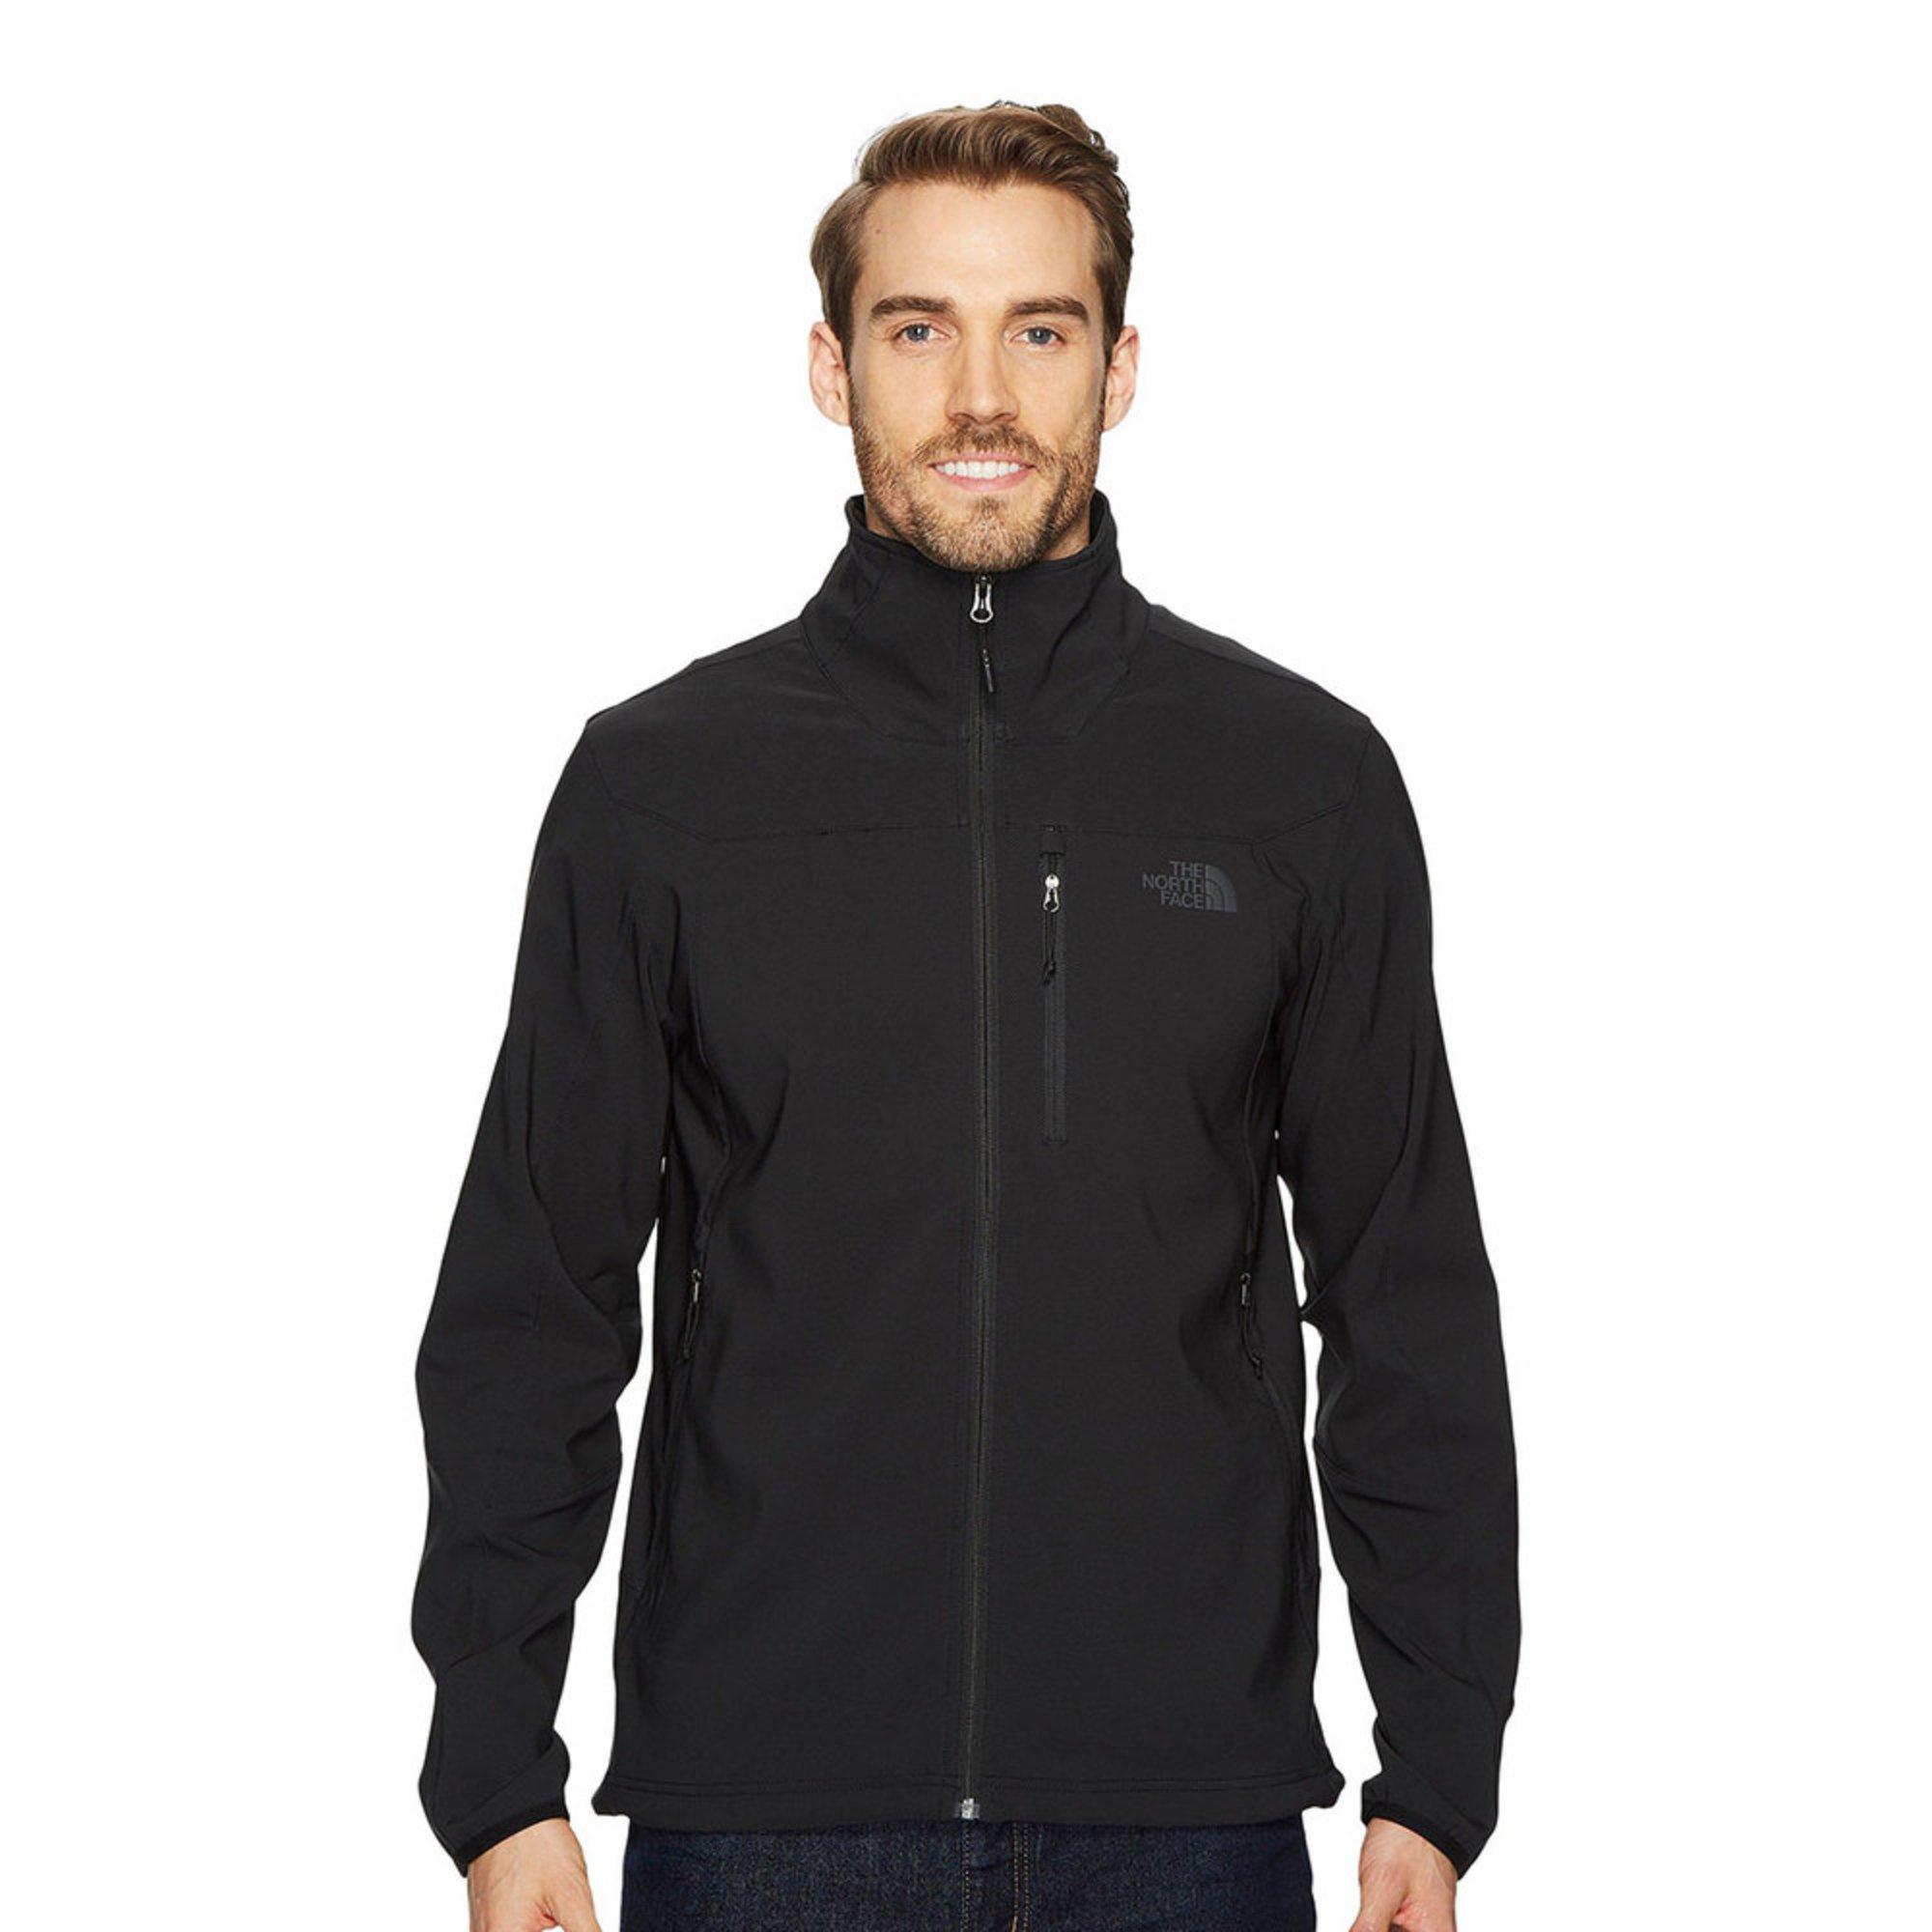 95ad11f3fb4 The North Face Men's Apex Nimble Jacket